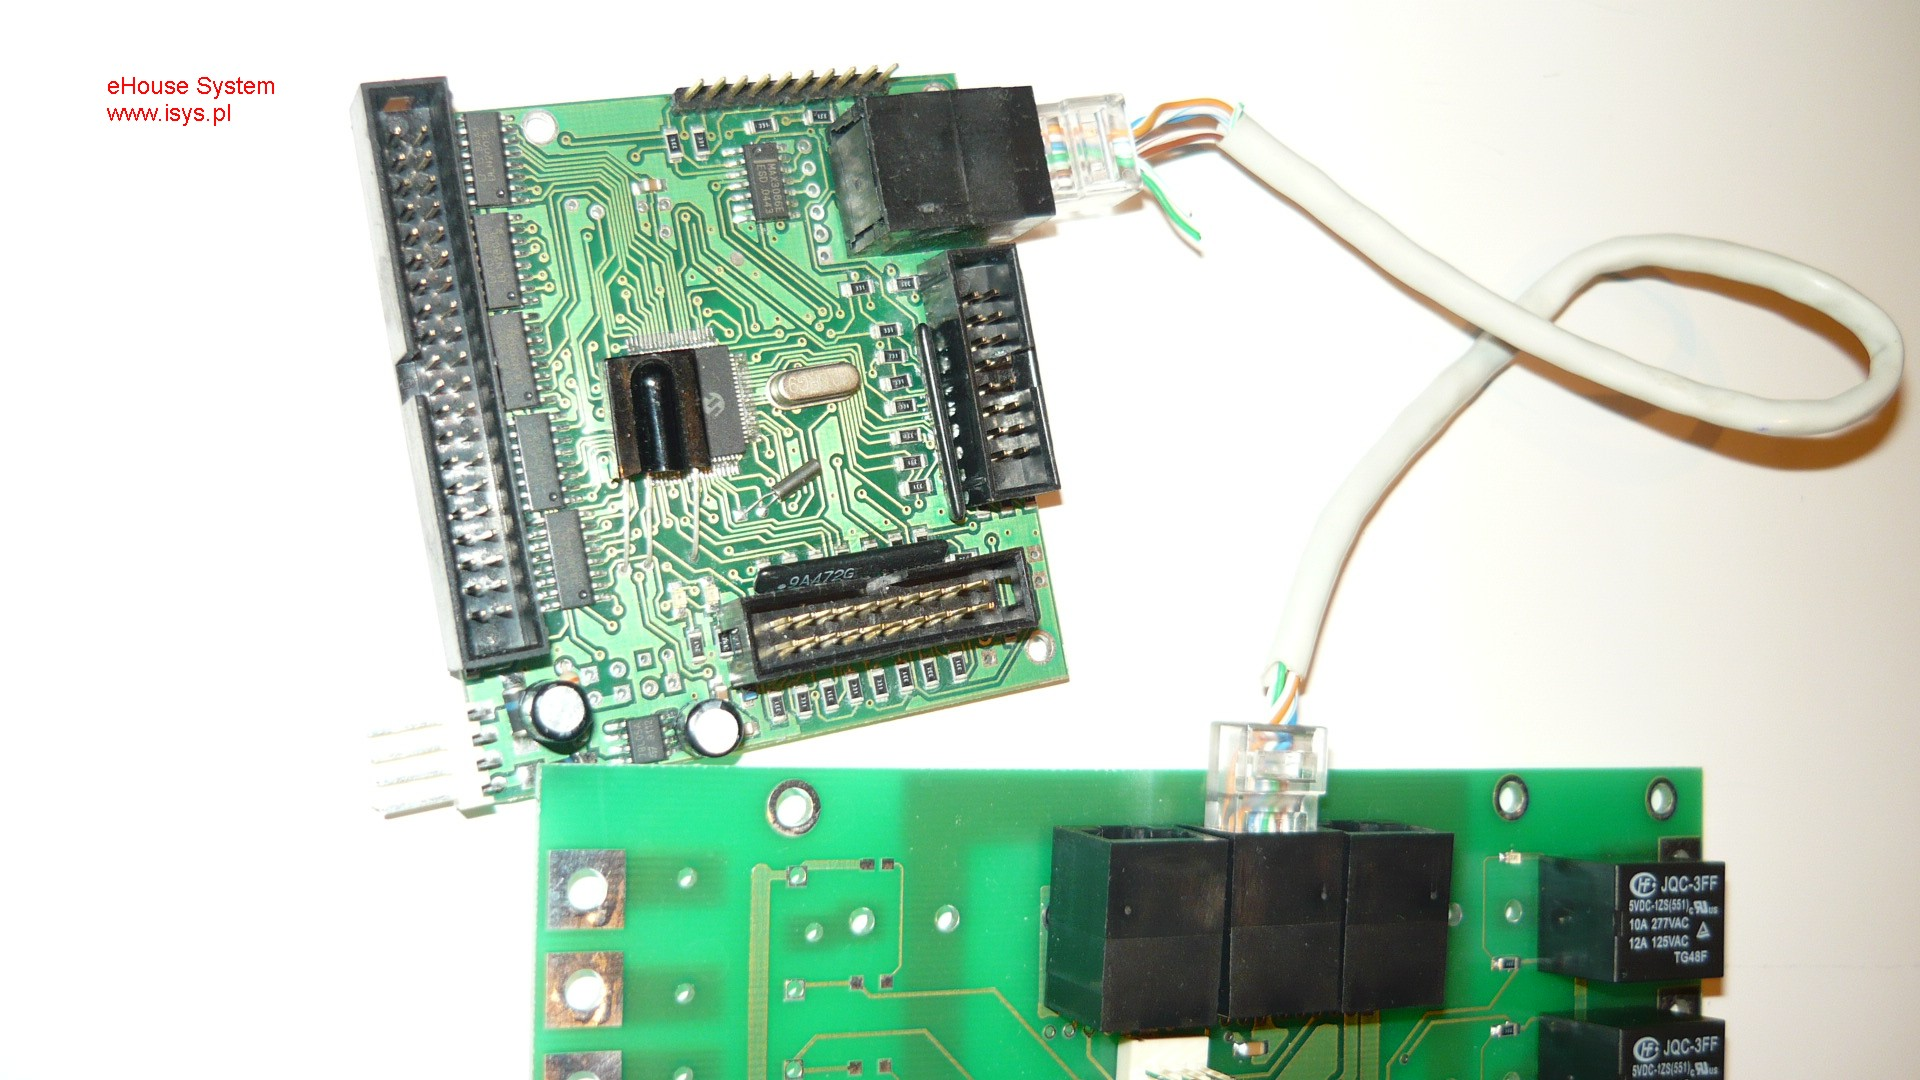 automatyka budynku eHouse - Autobusų ryšį duomenimis tarp kontrolierių ir relės išsamiai modulis